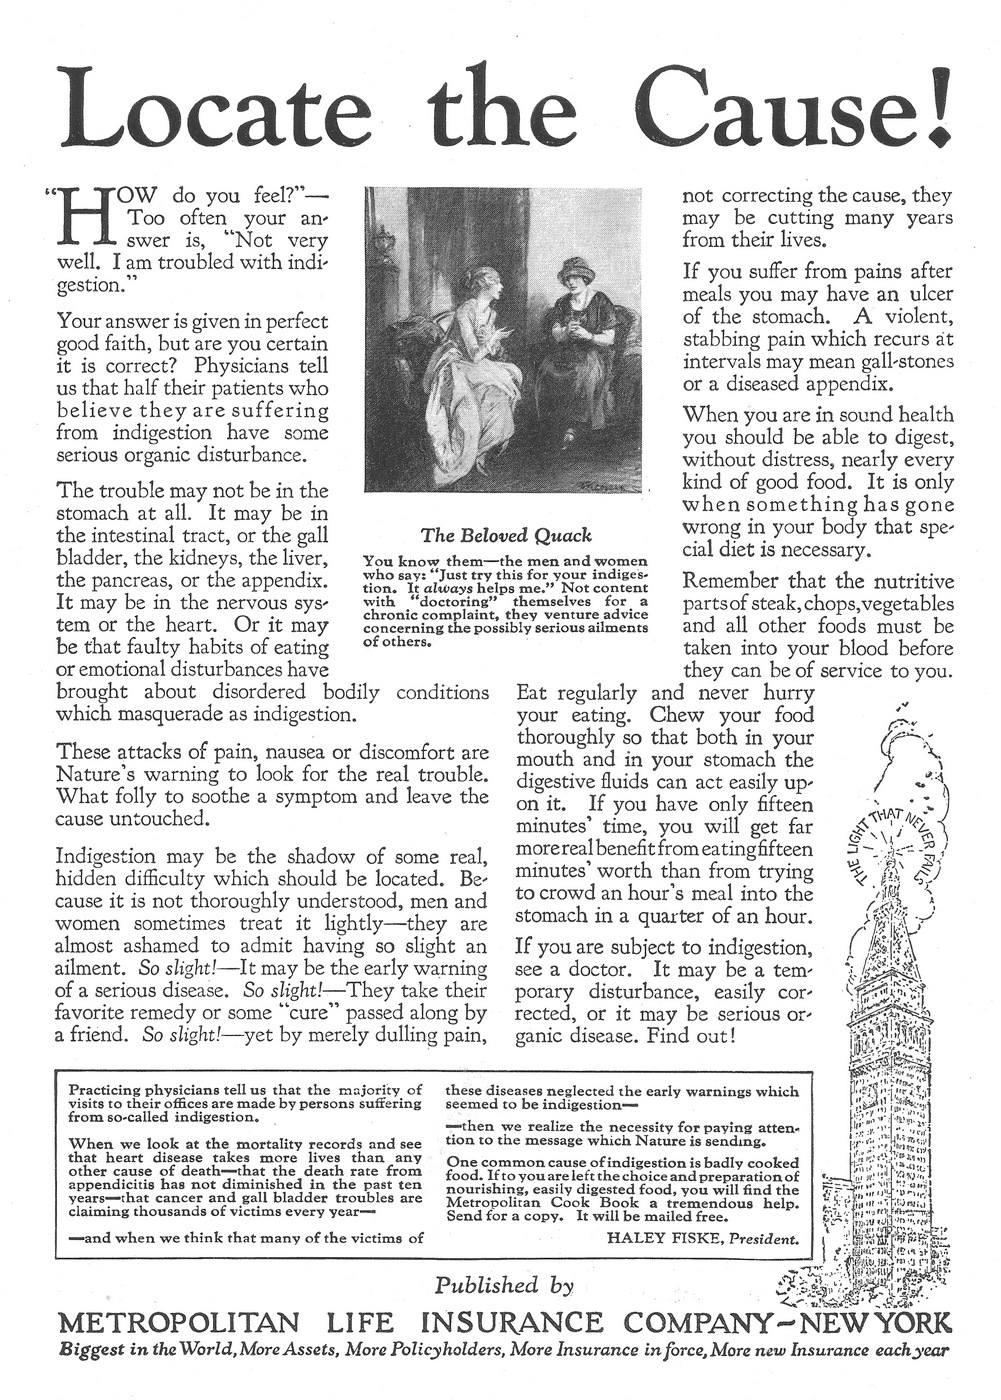 φυλλάδιο ενημέρωσης της Metropolitan